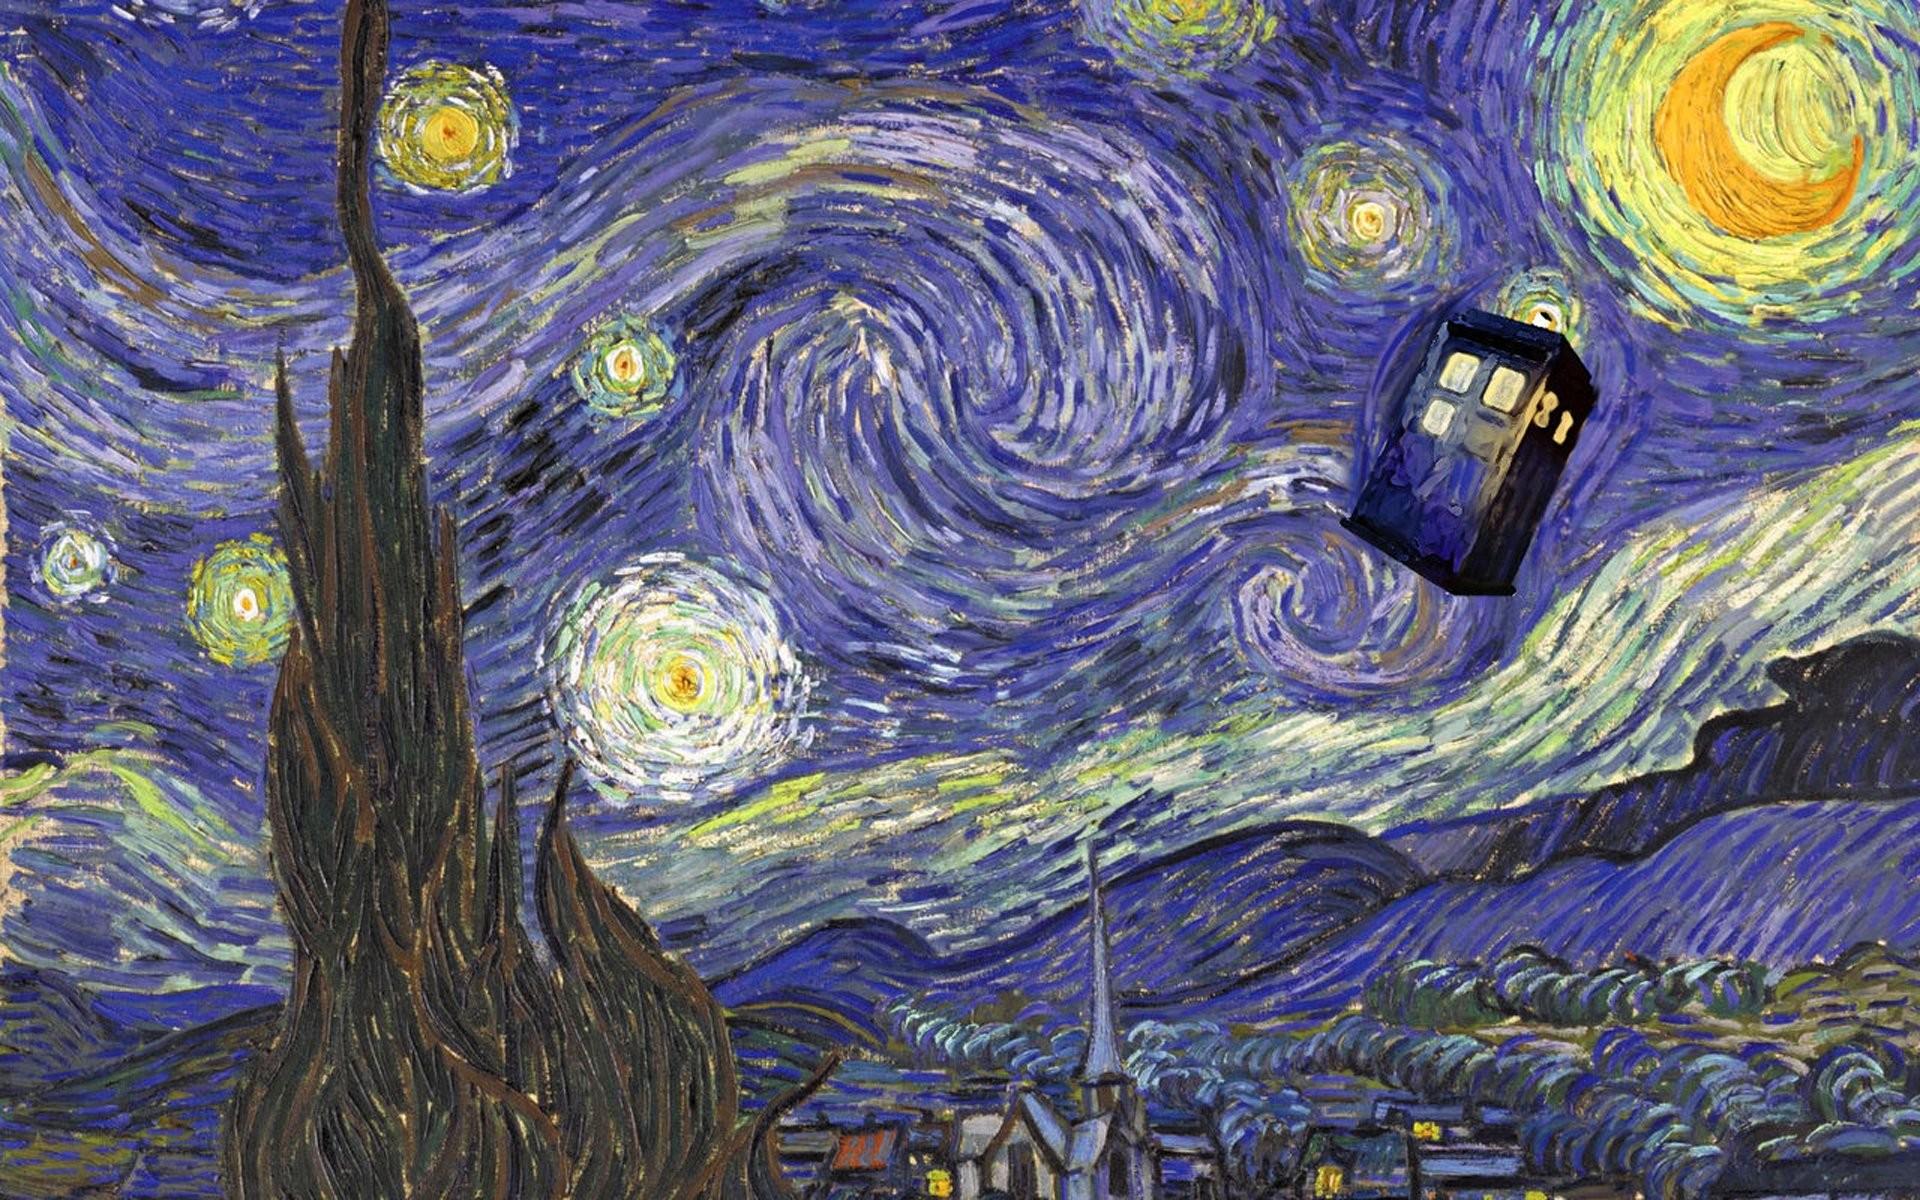 1920x1200 Tardis Van Gogh Wallpaper